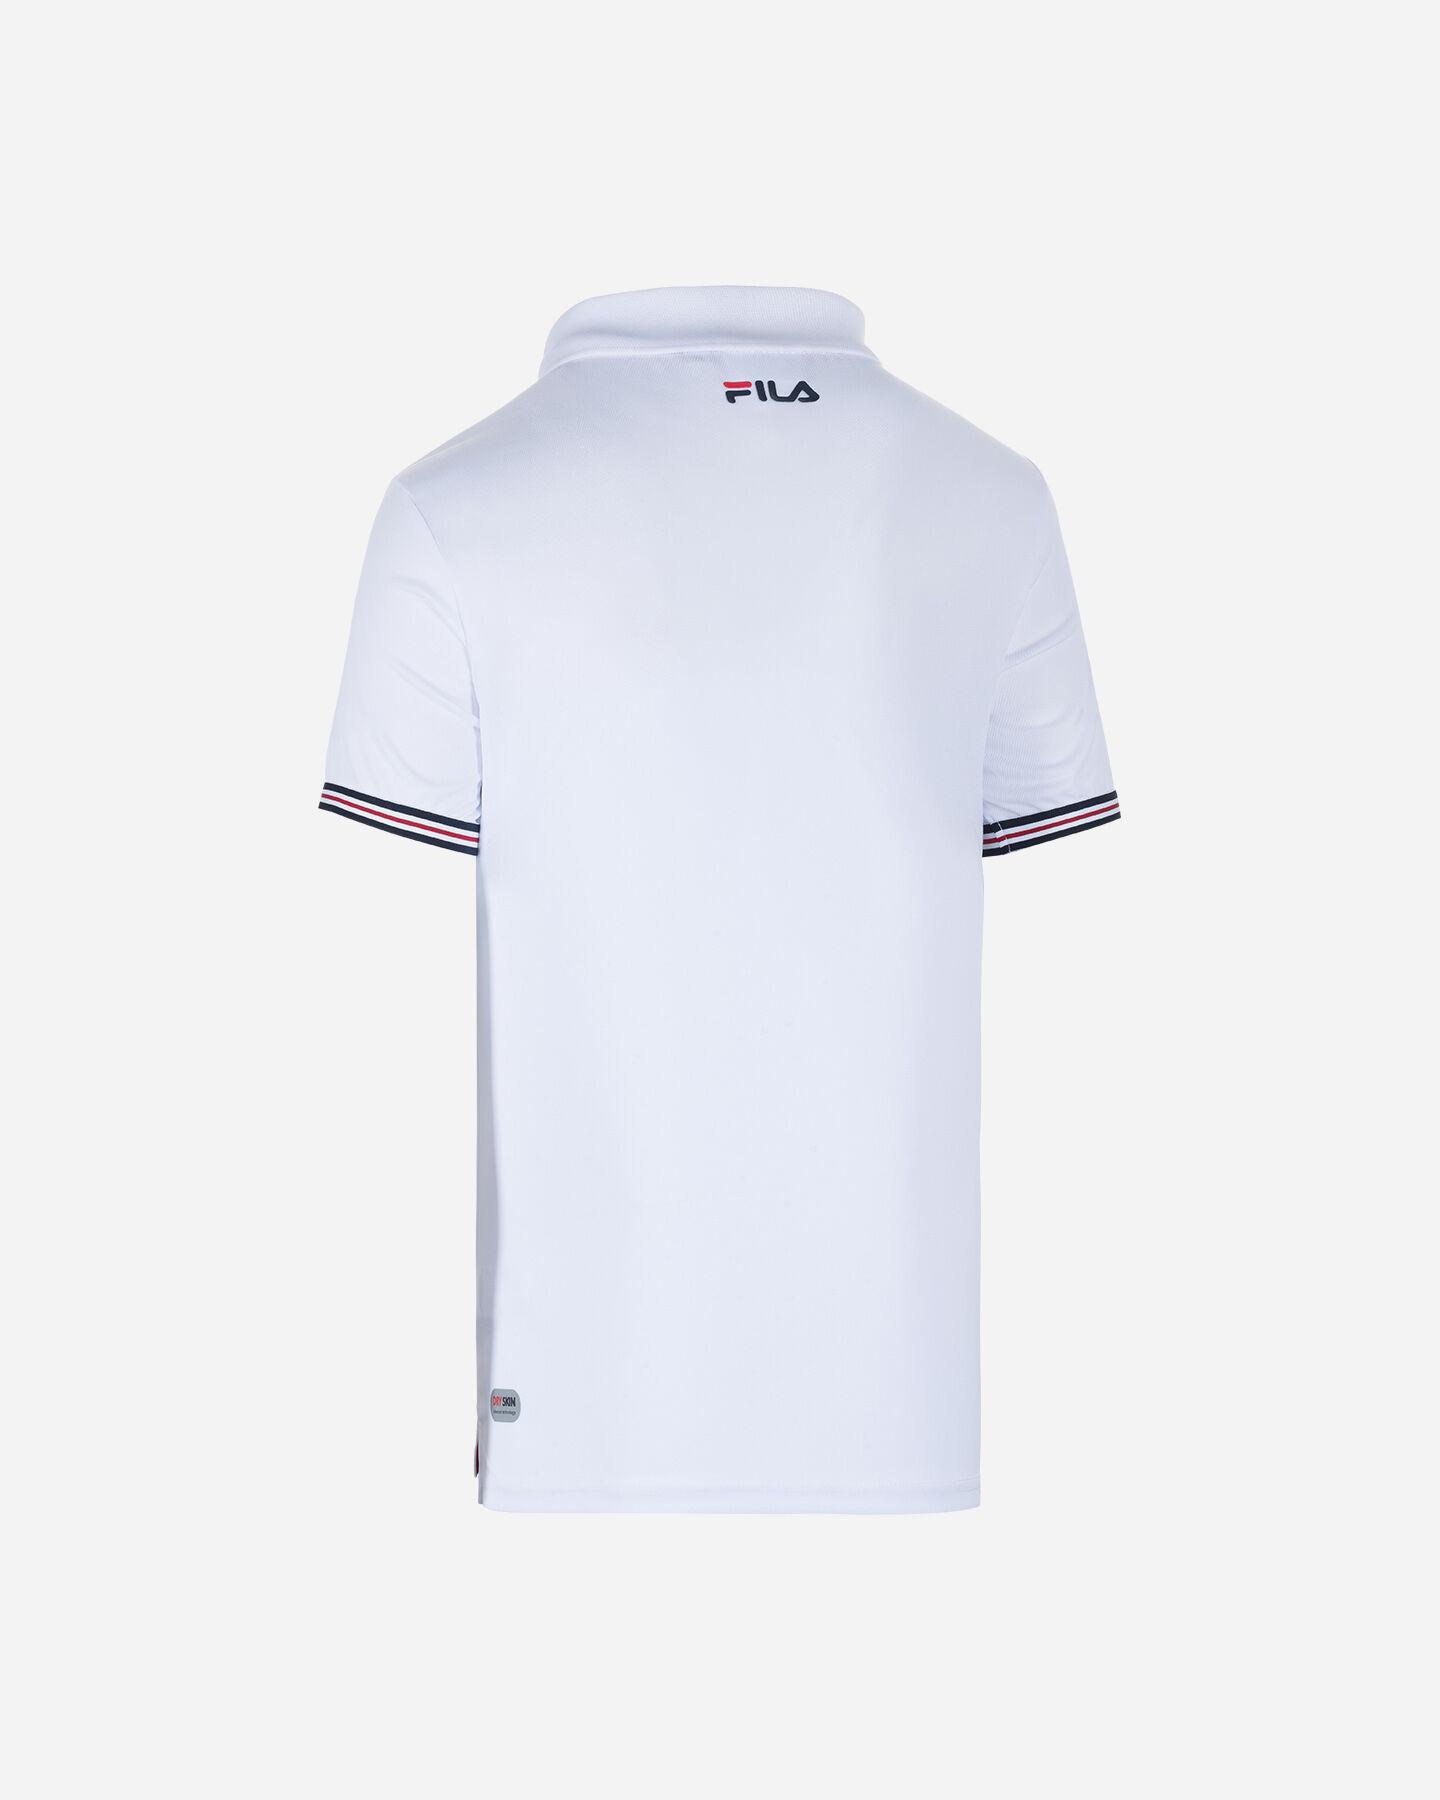 Polo tennis FILA TENNIS M S4075797 scatto 1